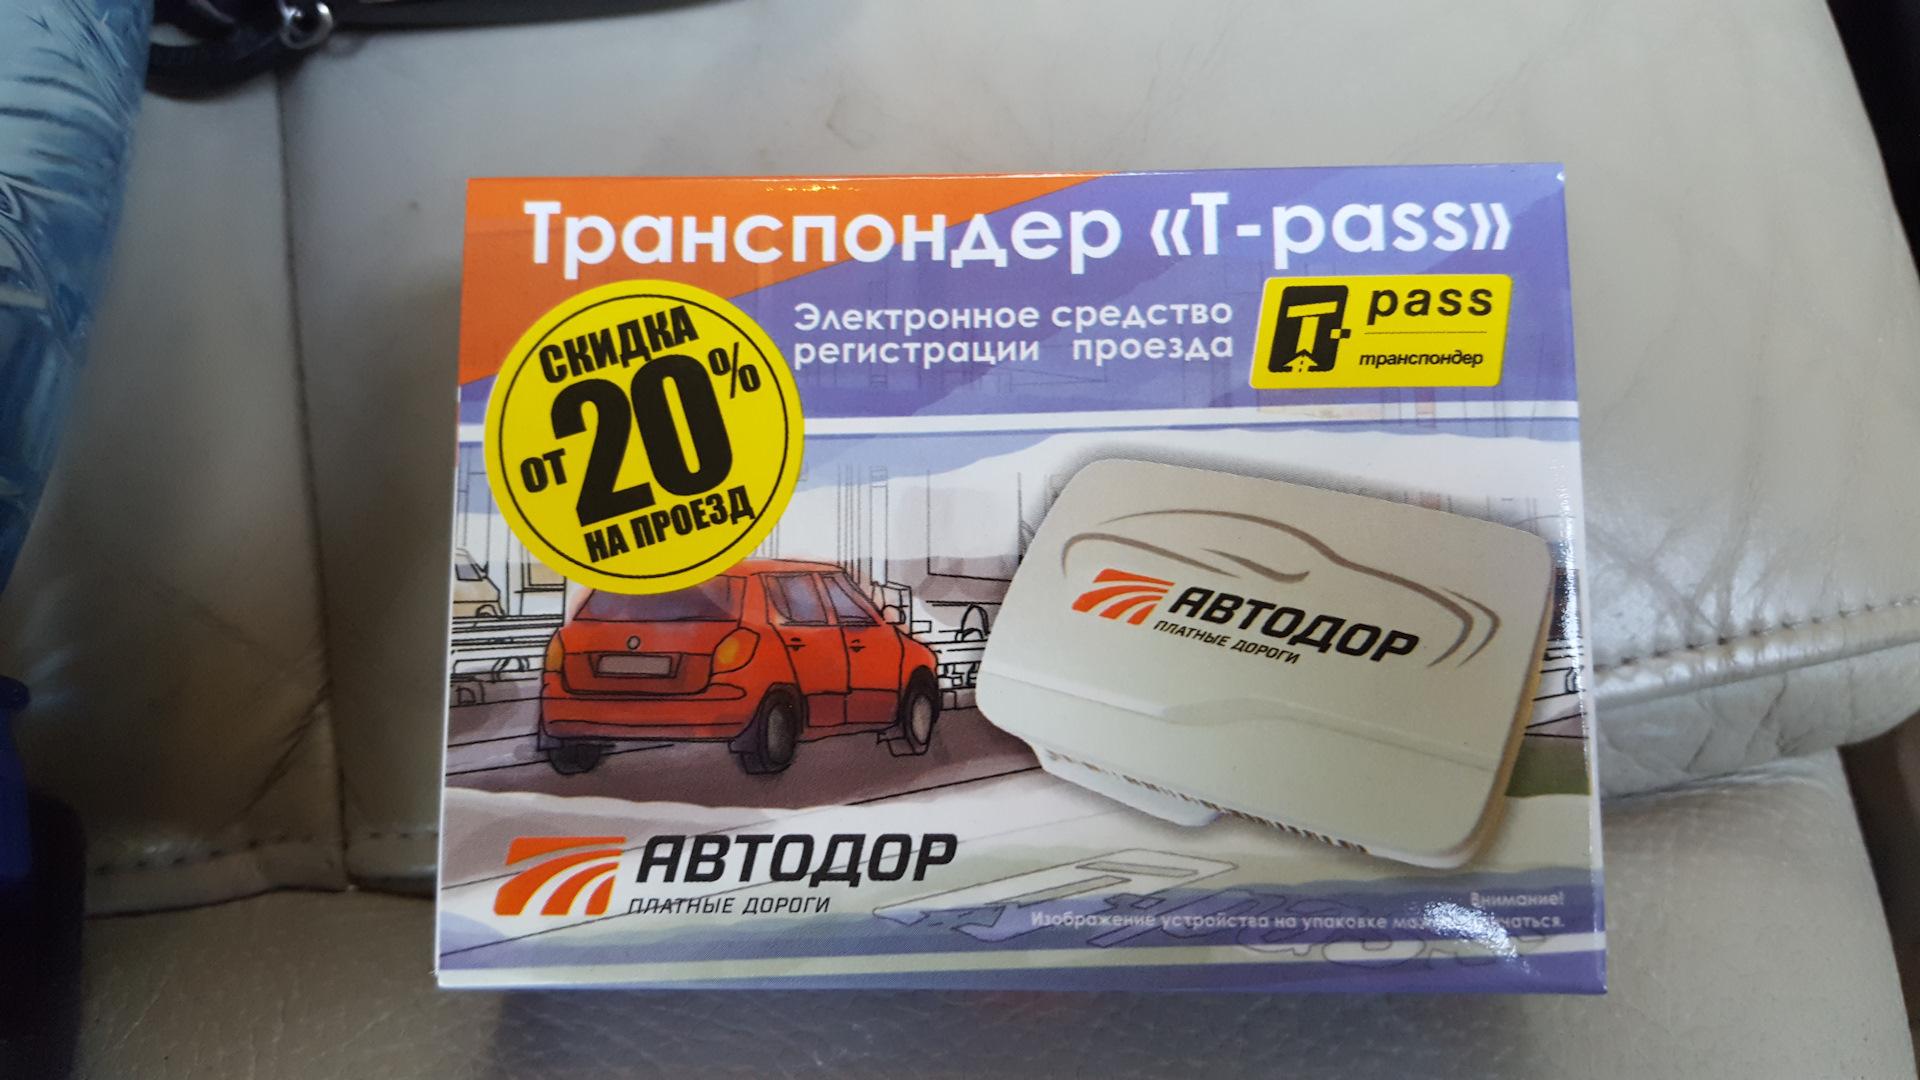 Транспондер для платных дорог: что это такое, как пользоваться и оплатить